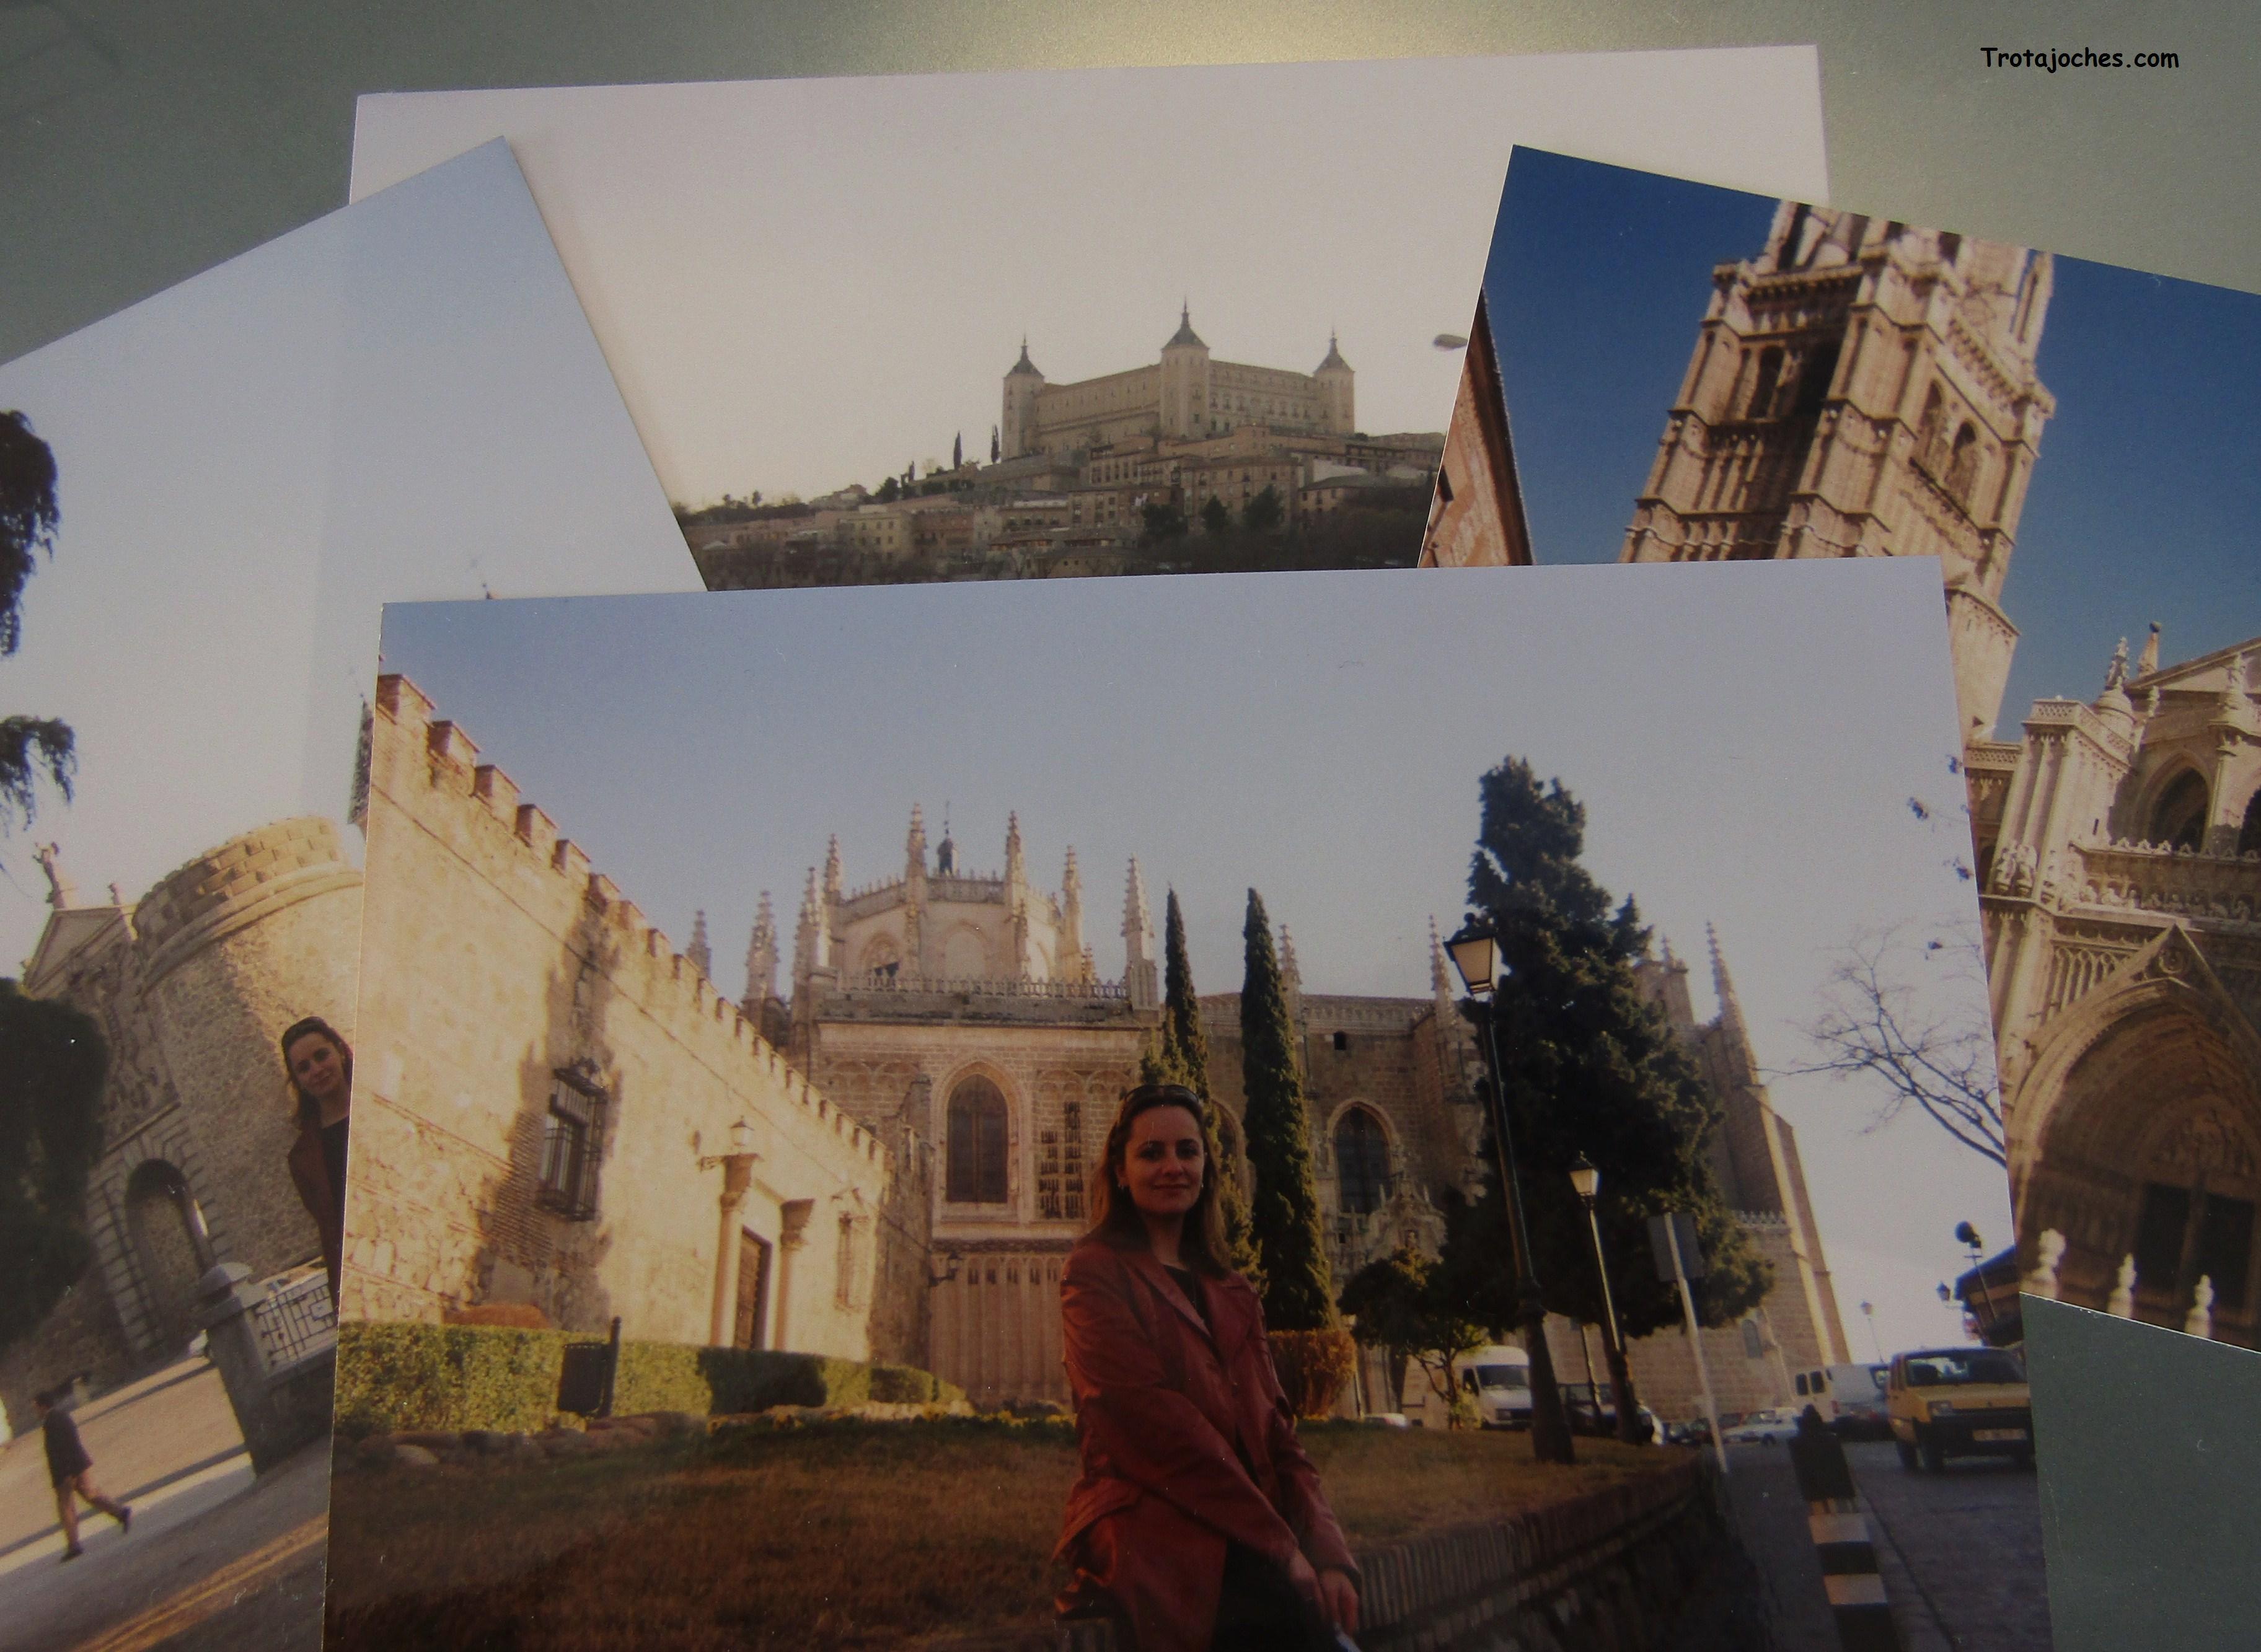 Alicia en la ciudad de Toledo en varias fotos reveladas